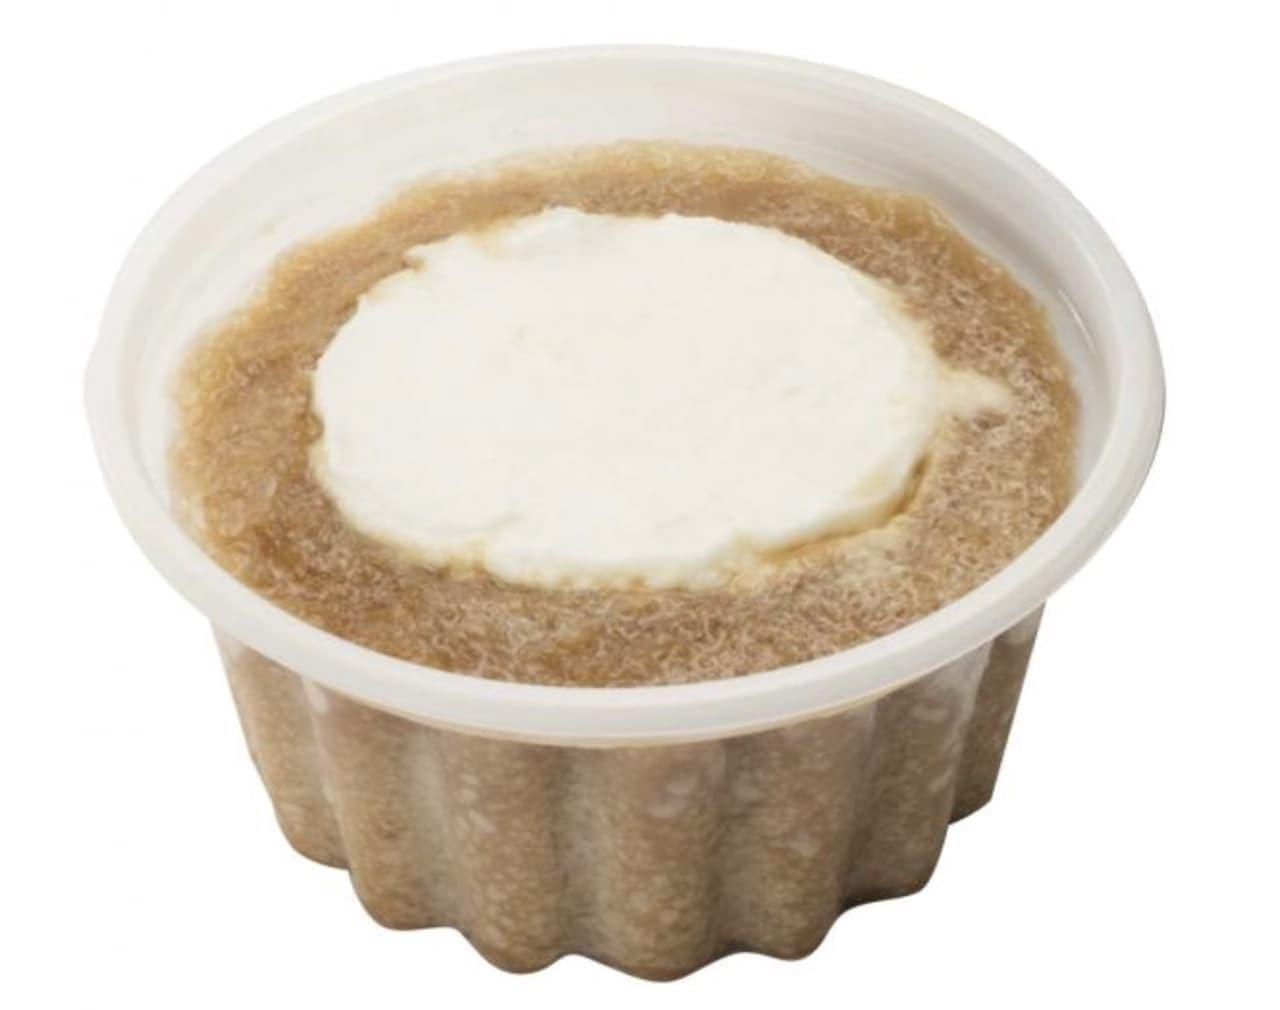 シャトレーゼ「 白州名水かき氷 ミルクジェラートのコーヒーフロート4個入」